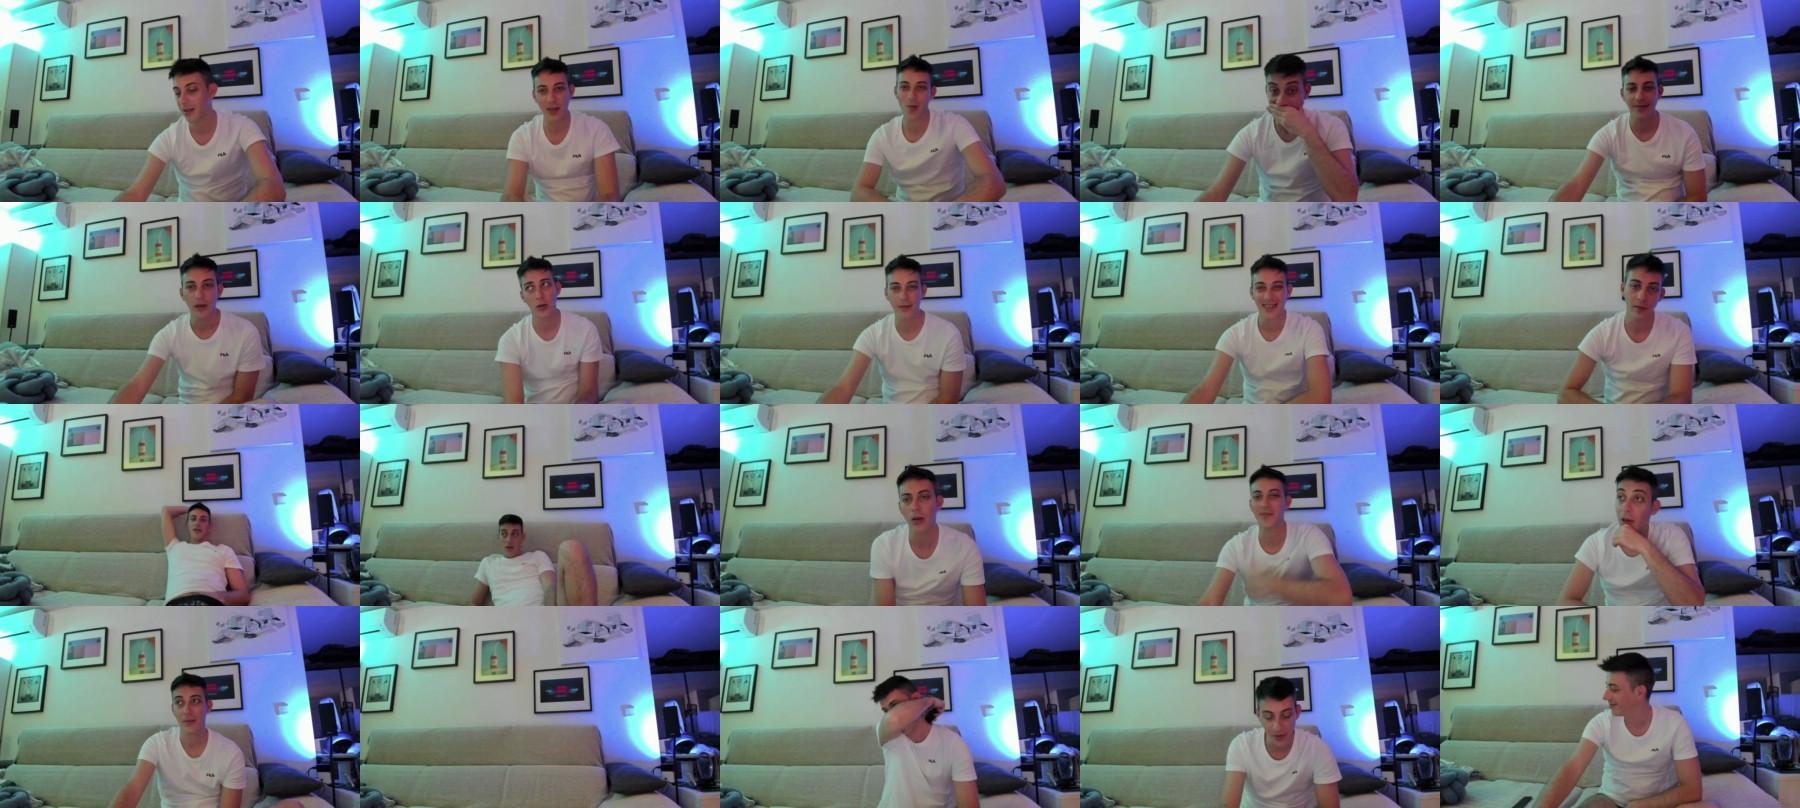 HuGo4K Webcam CAM SHOW @ Cam4 07-05-2021